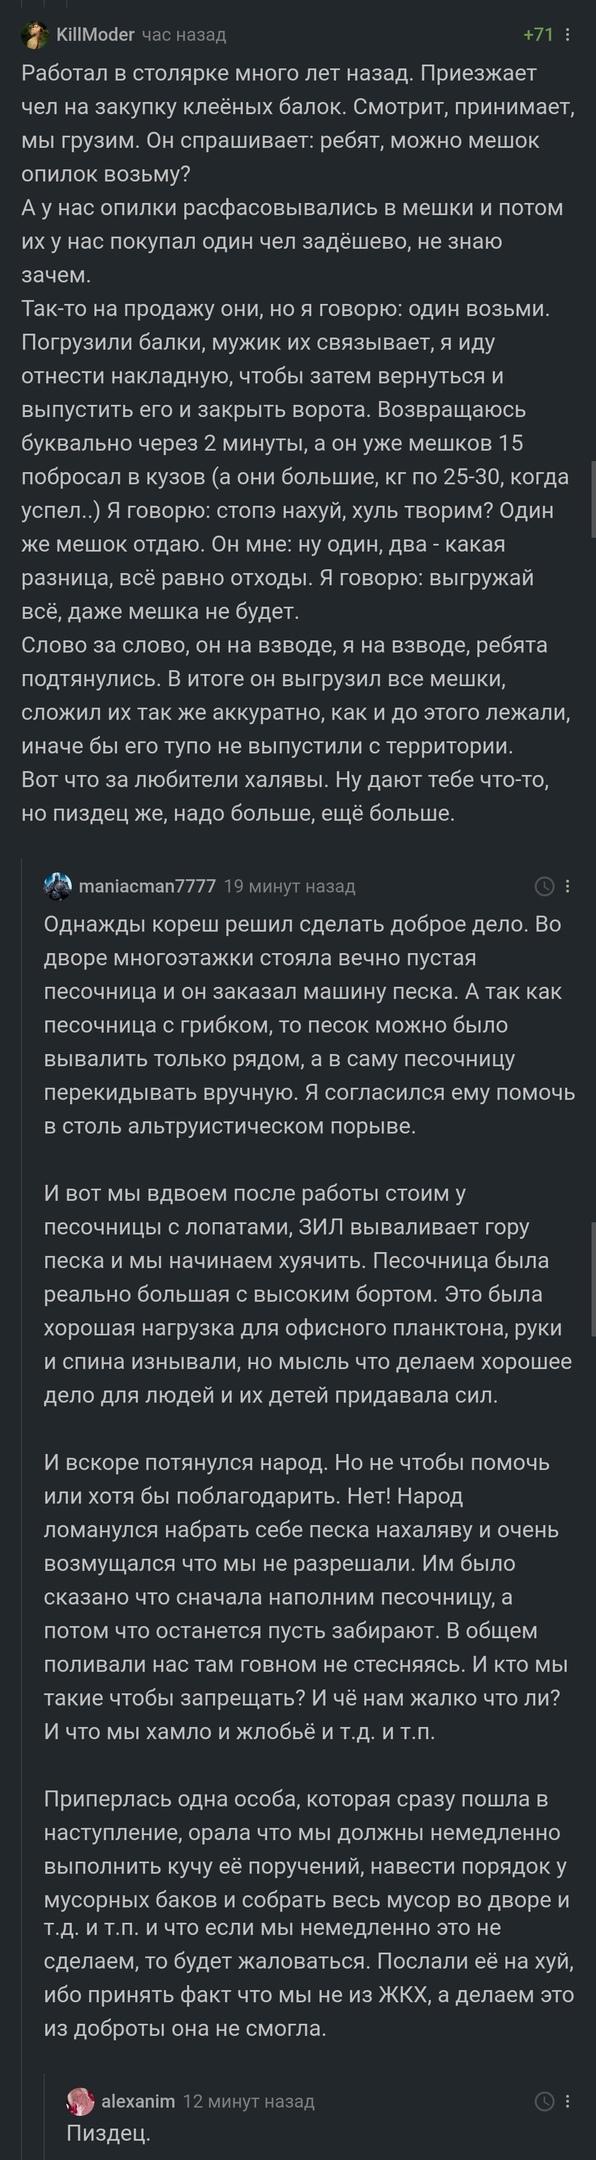 Добро людям в России